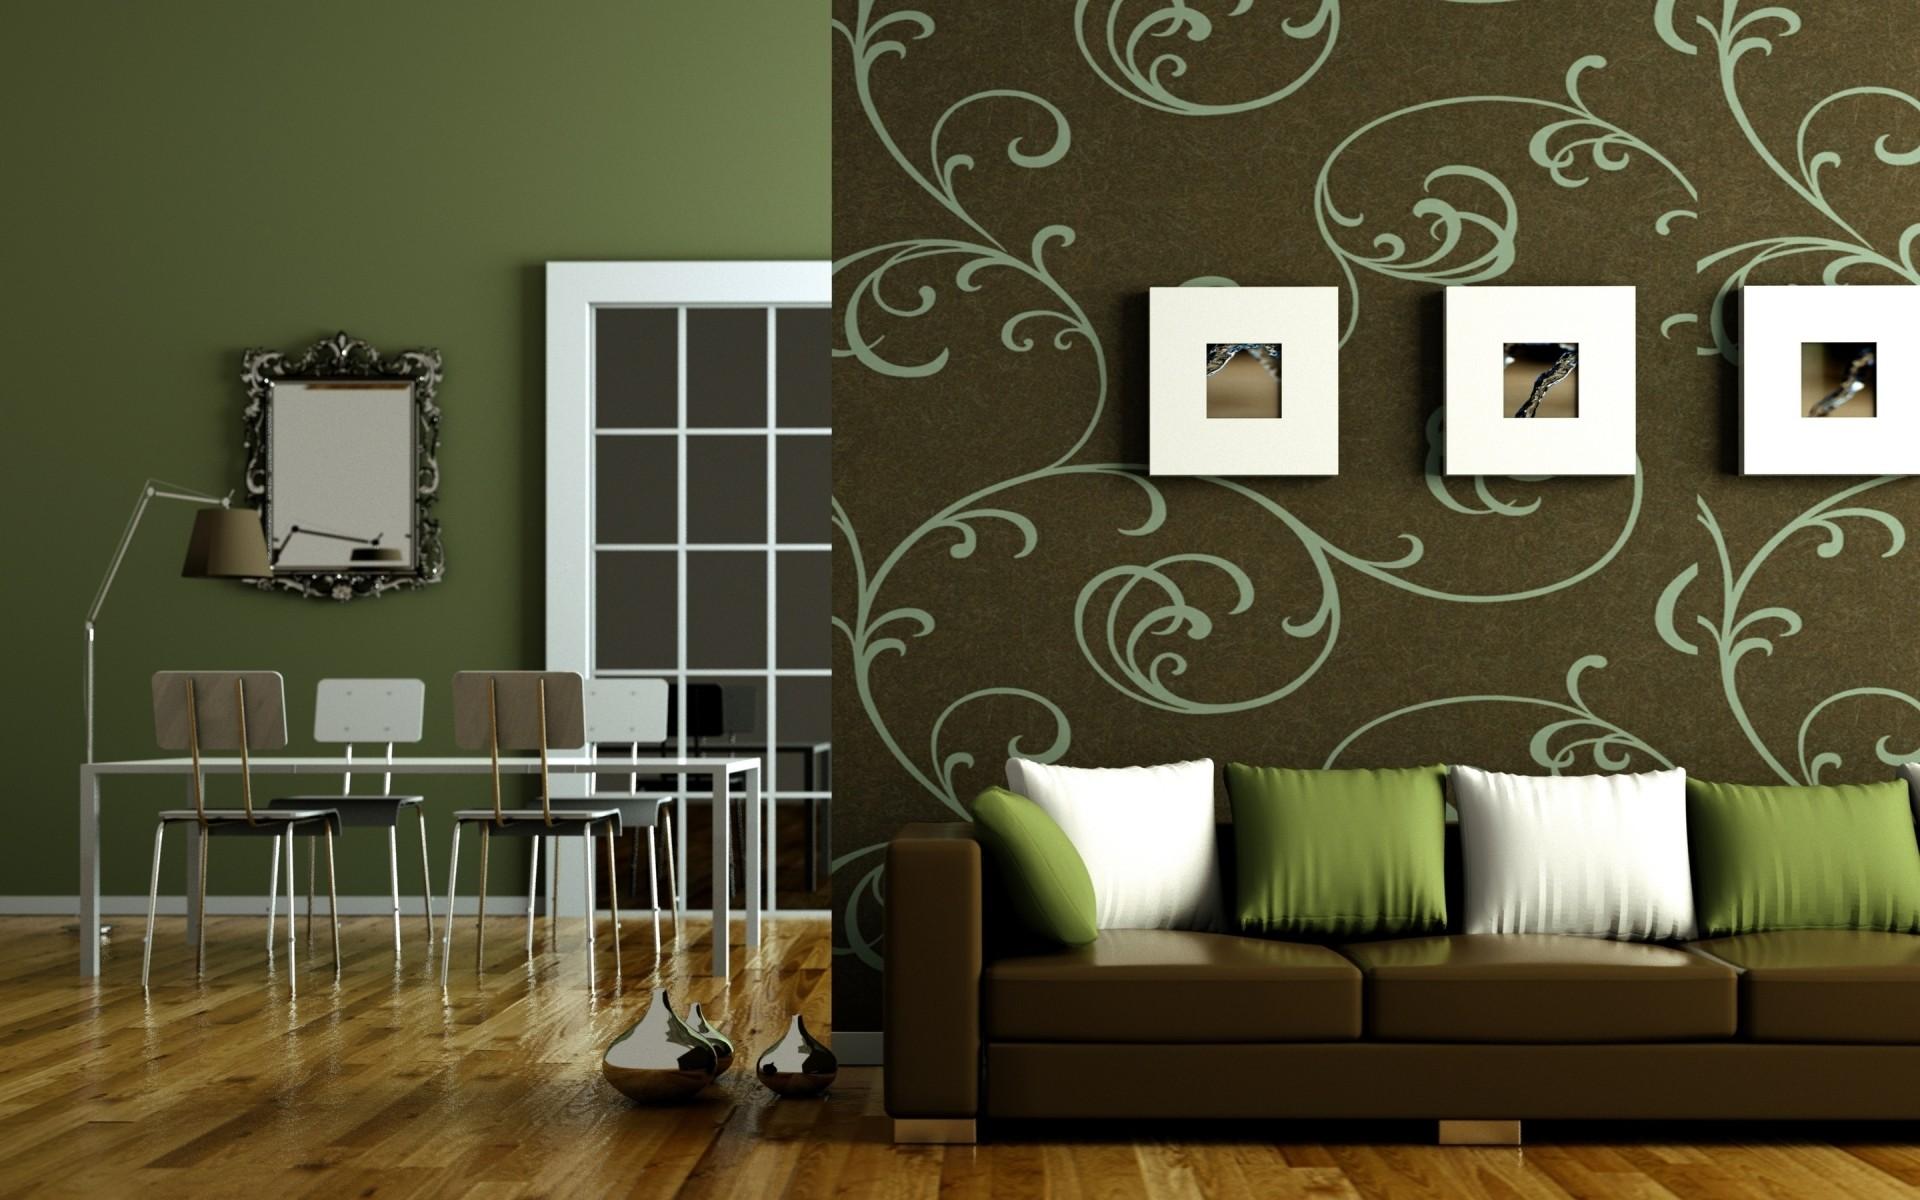 40张优雅的室内设计桌面壁纸 客厅图片家居装饰素材